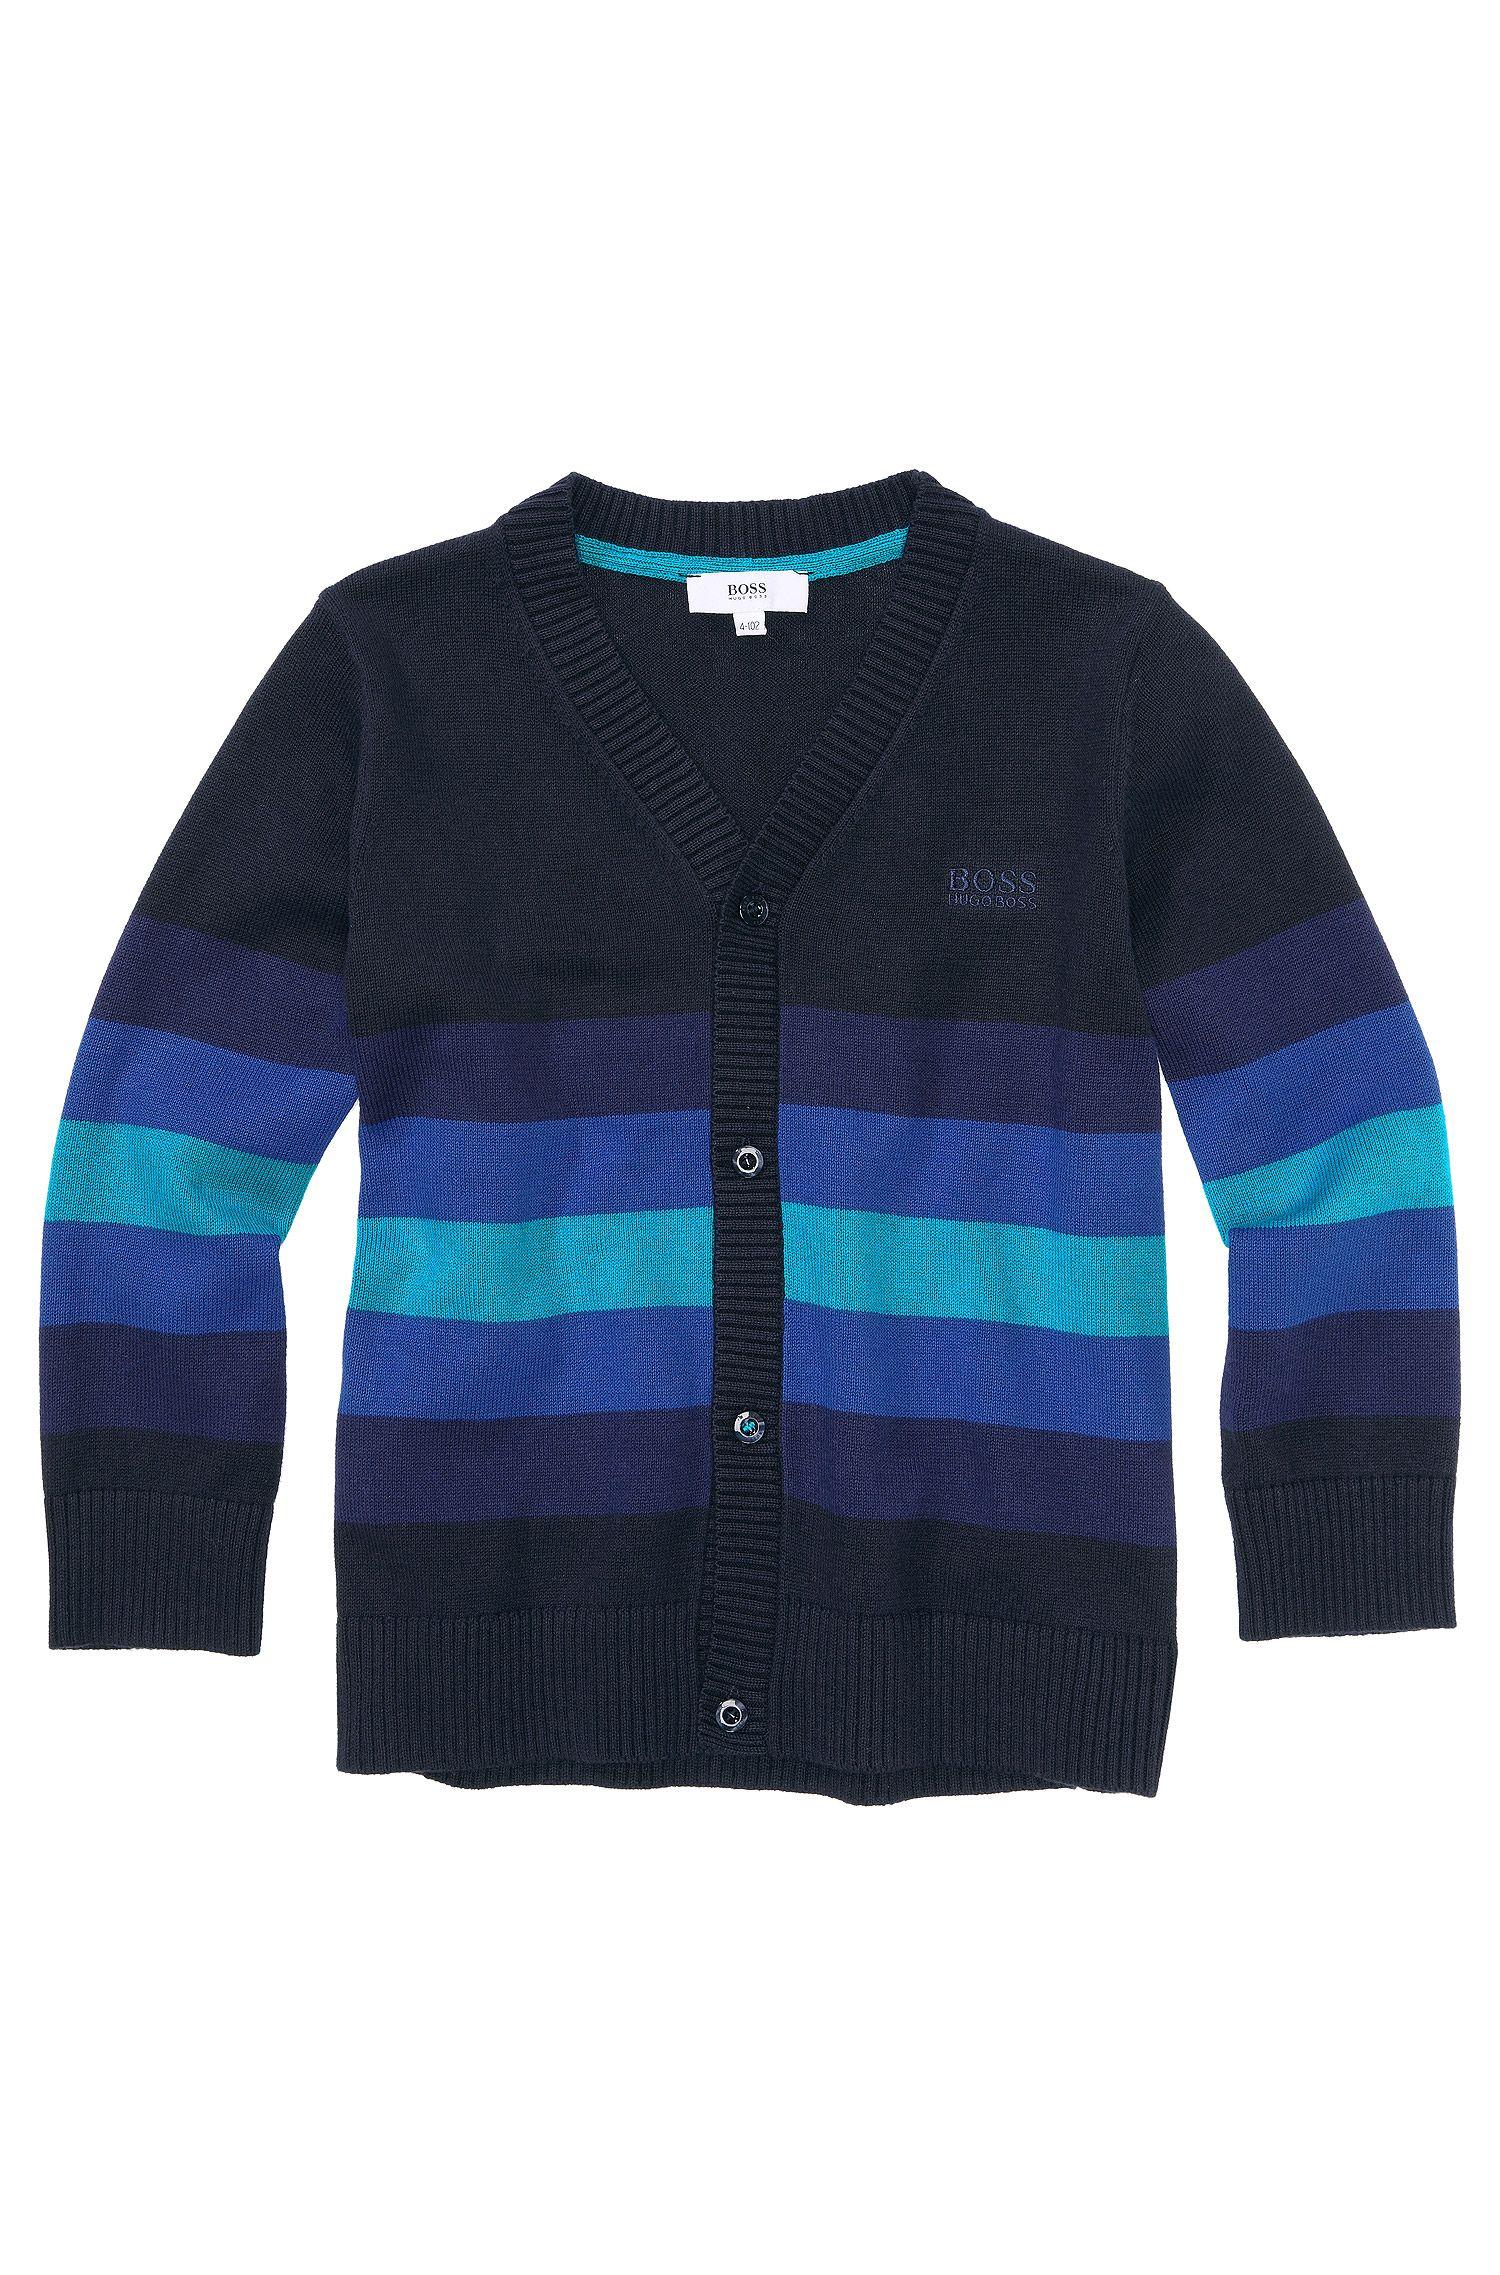 Veste en maille pour enfant «J25716» en coton mélangé